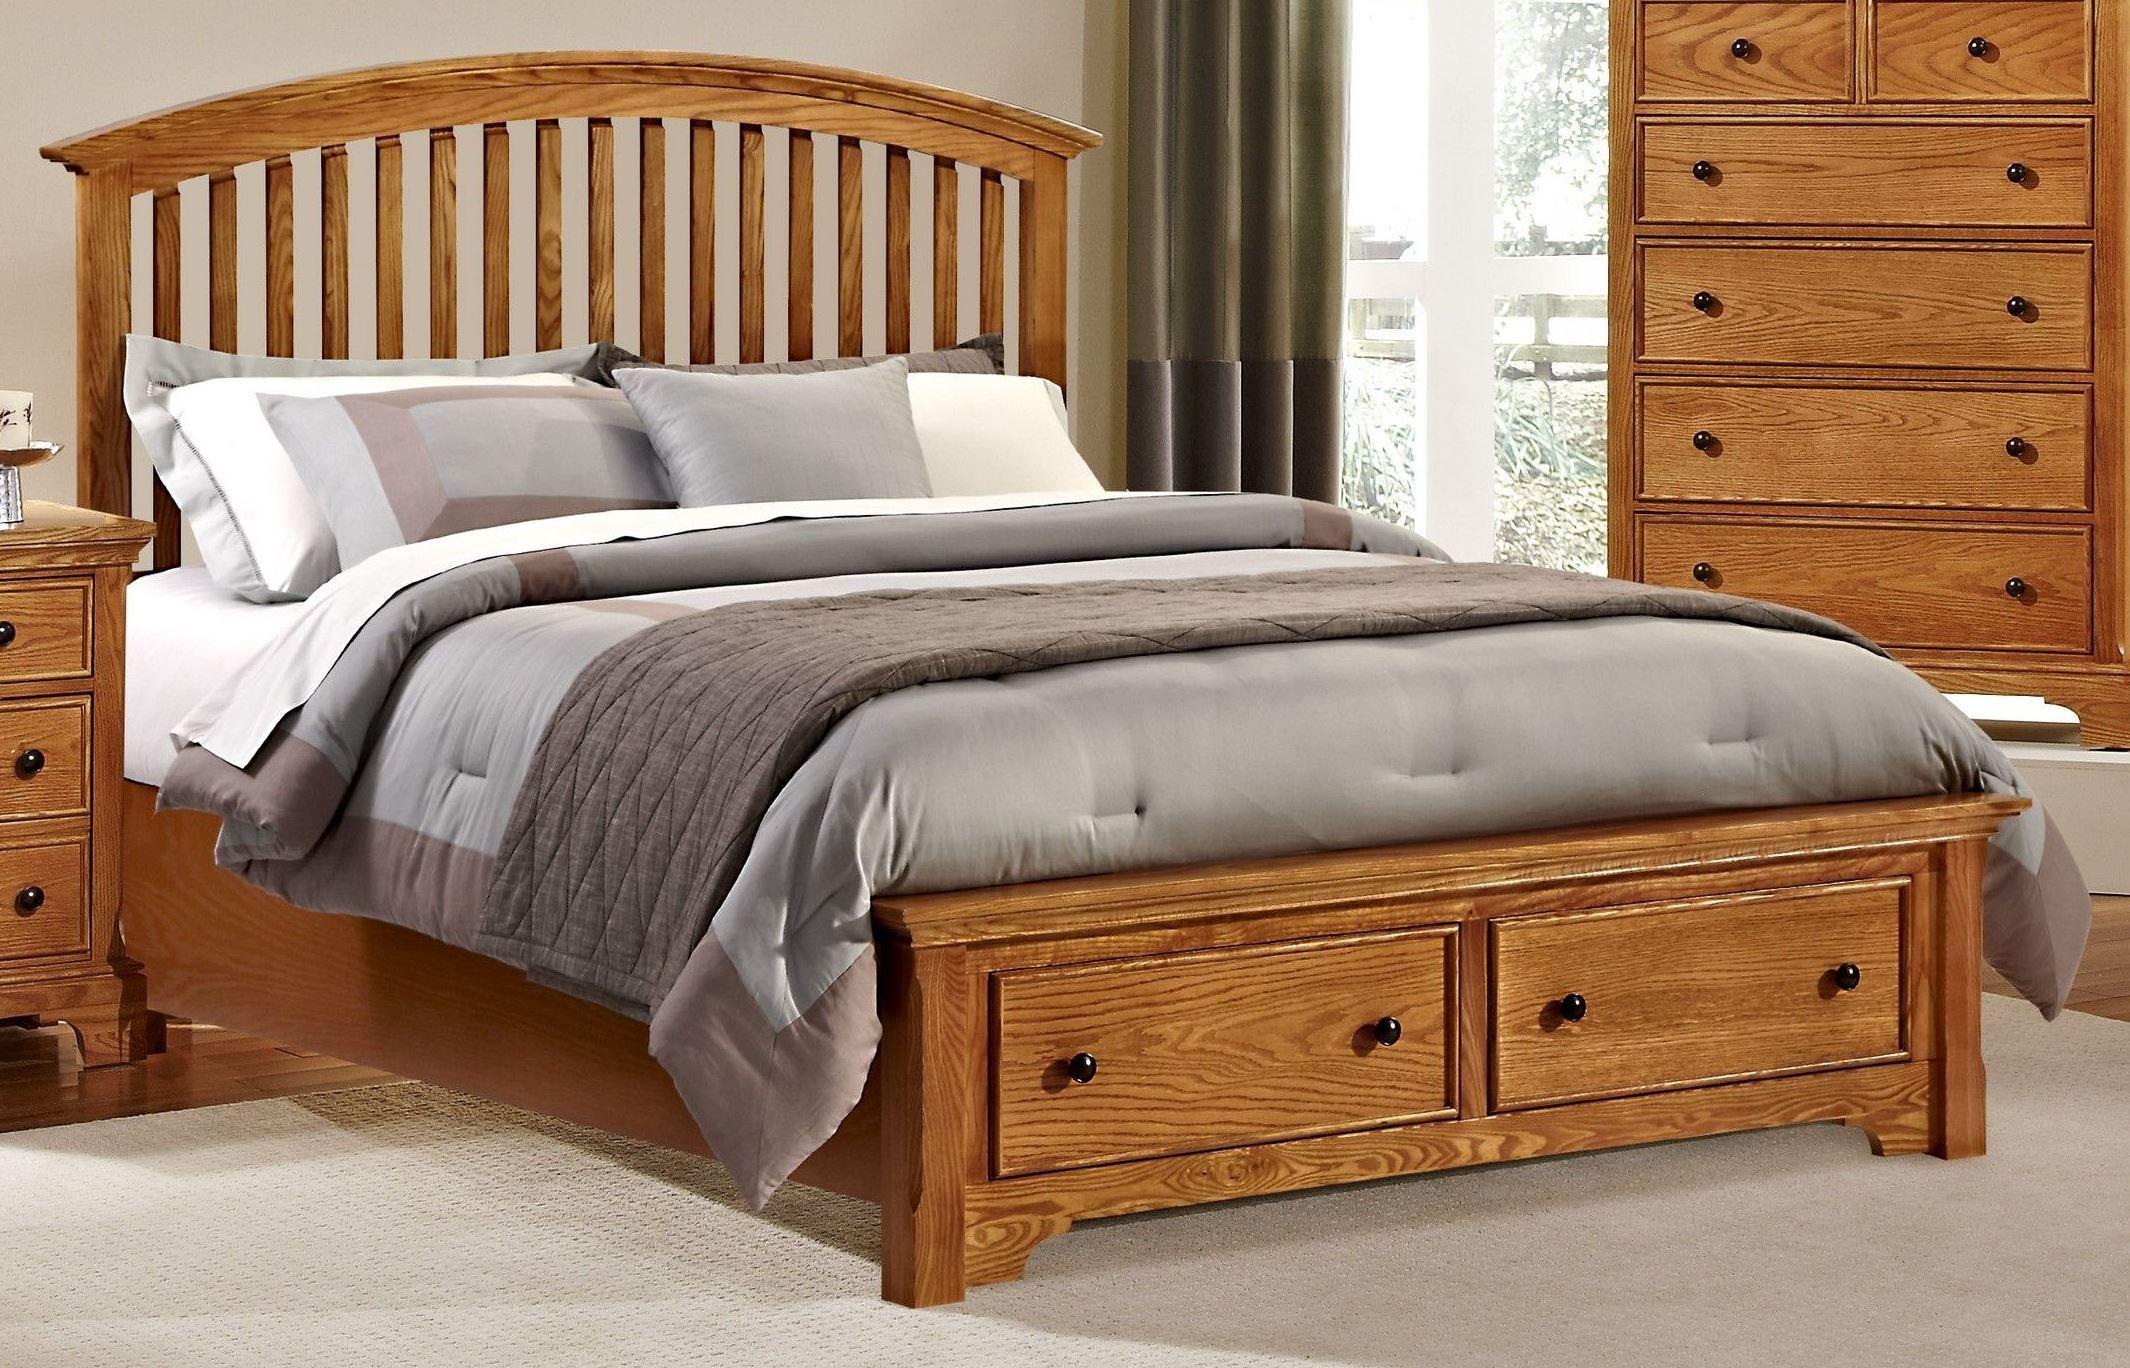 Forsyth Medium Oak Arched Storage Bedroom Set from Vaughan Bassett  Coleman Furniture